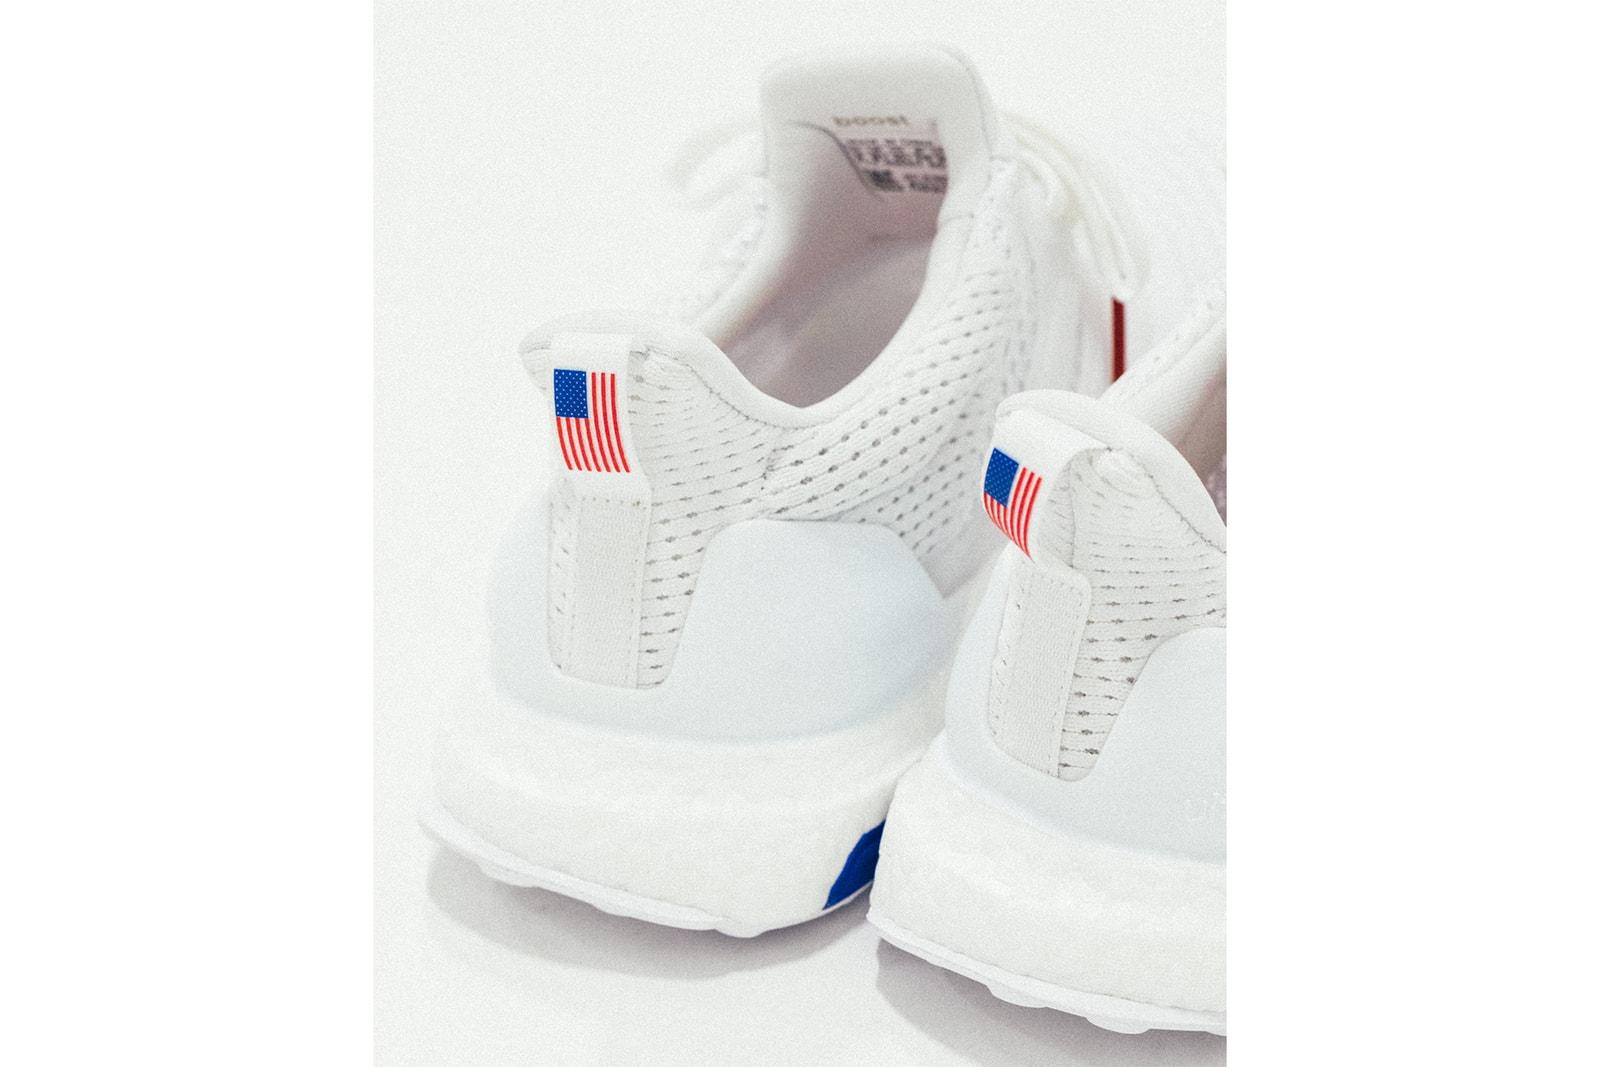 アディダス アンディフィーテッド adidas undefeated 新作 コラボ UltraBOOST ウルトラブースト 世界 先行 発売決 スニーカー 星条旗 アメリカ